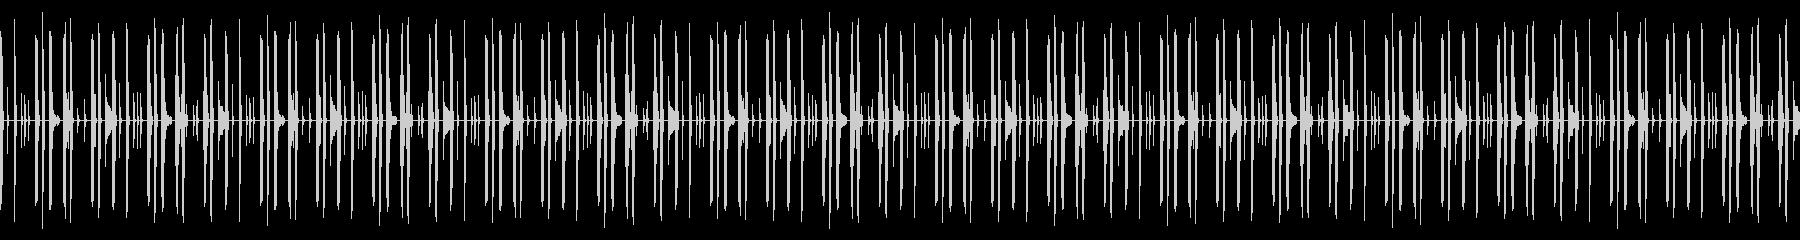 ドラムのみのドライな打ち込みリズムループの未再生の波形